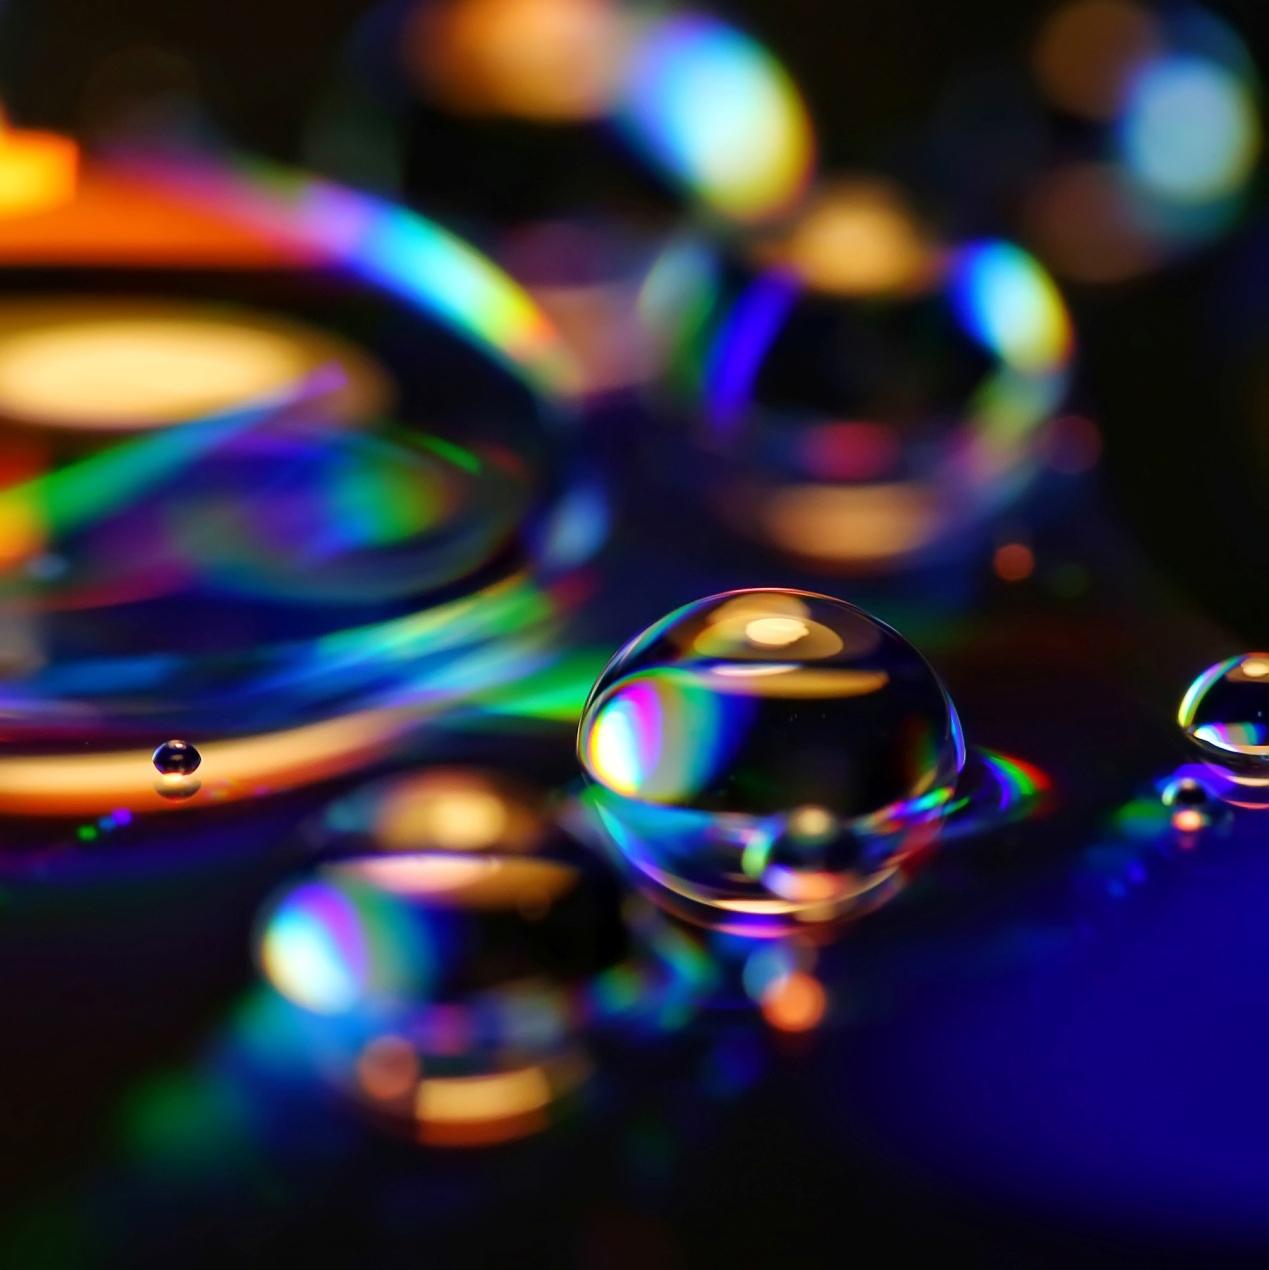 焦距:180mm 光圈:f/8.0  ISO感光度:1000  曝光时间:1/125s